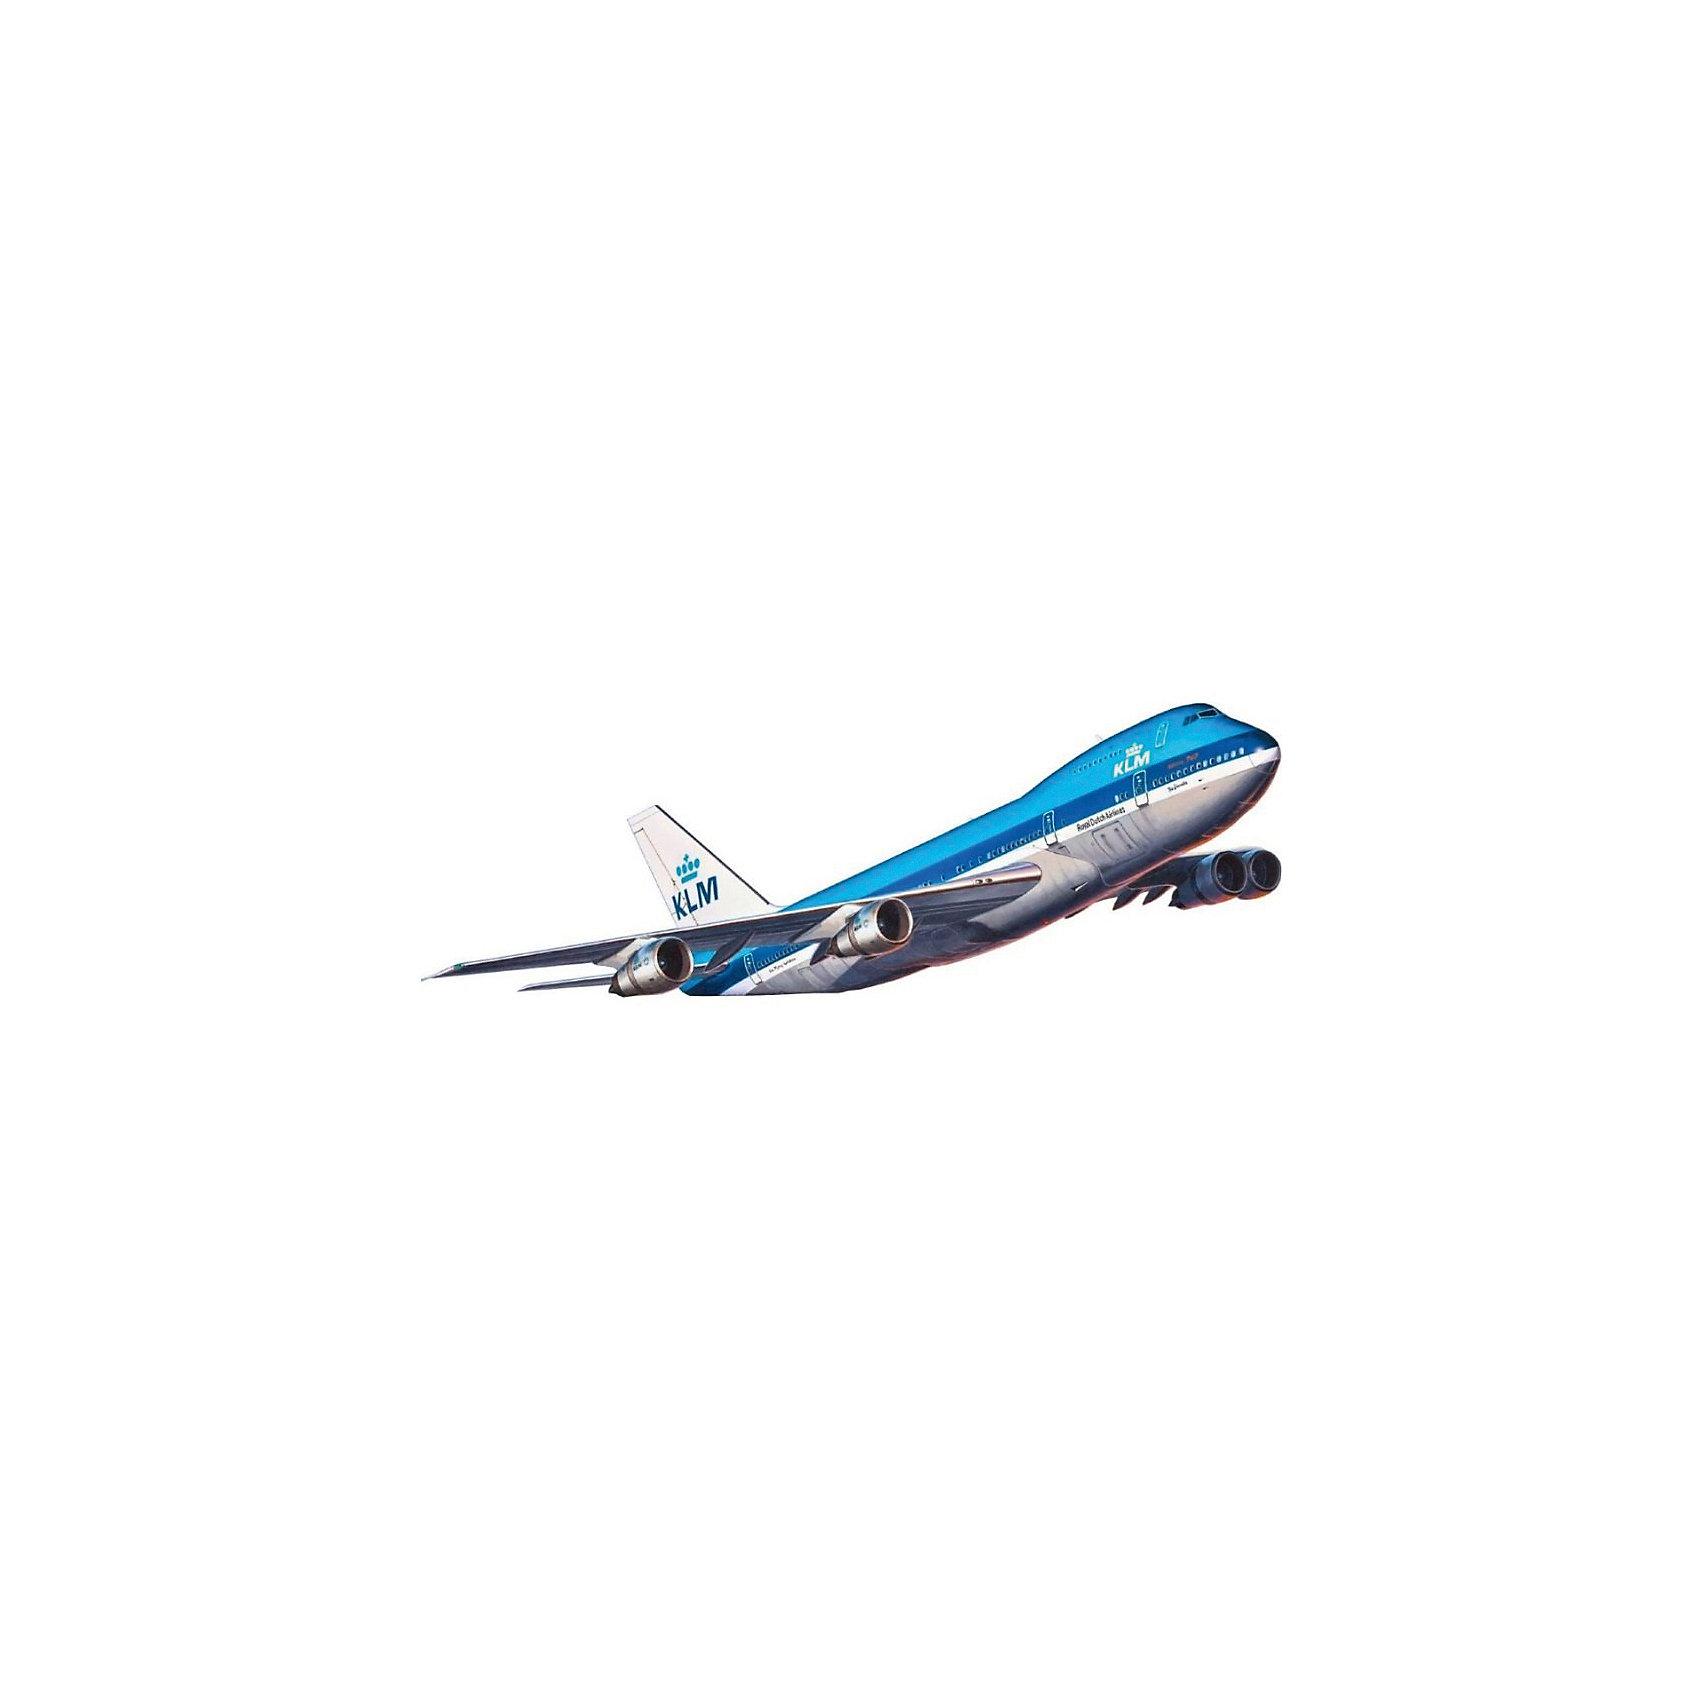 Самолет Пассажирский Boeing 747-100Модели для склеивания<br>Первый Boeing 747 под официальным обозначением Boeing 747—100 был построен 2 сентября 1968 года. Первый полёт состоялся 9 февраля 1969 года. 1 января 1970 года принадлежавшим Pan American World Airways самолётом был выполнен первый коммерческий рейс. Первой европейской авиакомпанией, которая приобрела Boeing 747—100, была Lufthansa, которая получила в общей сложности три самолёта этой модели. Базовый вариант имел дальность полёта 7200 км. На самых первых самолётах на верхней палубе располагалось помещение для отдыха с тремя иллюминаторами. Несколько позже, когда авиакомпании стали использовать верхнюю палубу для пассажиров первого и бизнес-класса, палуба была окончательно переоборудована в пассажирский салон, рассчитанный на 60 пассажиров <br>Масштаб: 1:450 <br>Количество деталей: 42 <br>Длина: 157 мм <br>Размах крыльев: 132 мм <br>Клей и краски в комплект не входят<br><br>Ширина мм: 9999<br>Глубина мм: 9999<br>Высота мм: 9999<br>Вес г: 9999<br>Возраст от месяцев: 120<br>Возраст до месяцев: 2147483647<br>Пол: Мужской<br>Возраст: Детский<br>SKU: 7122374